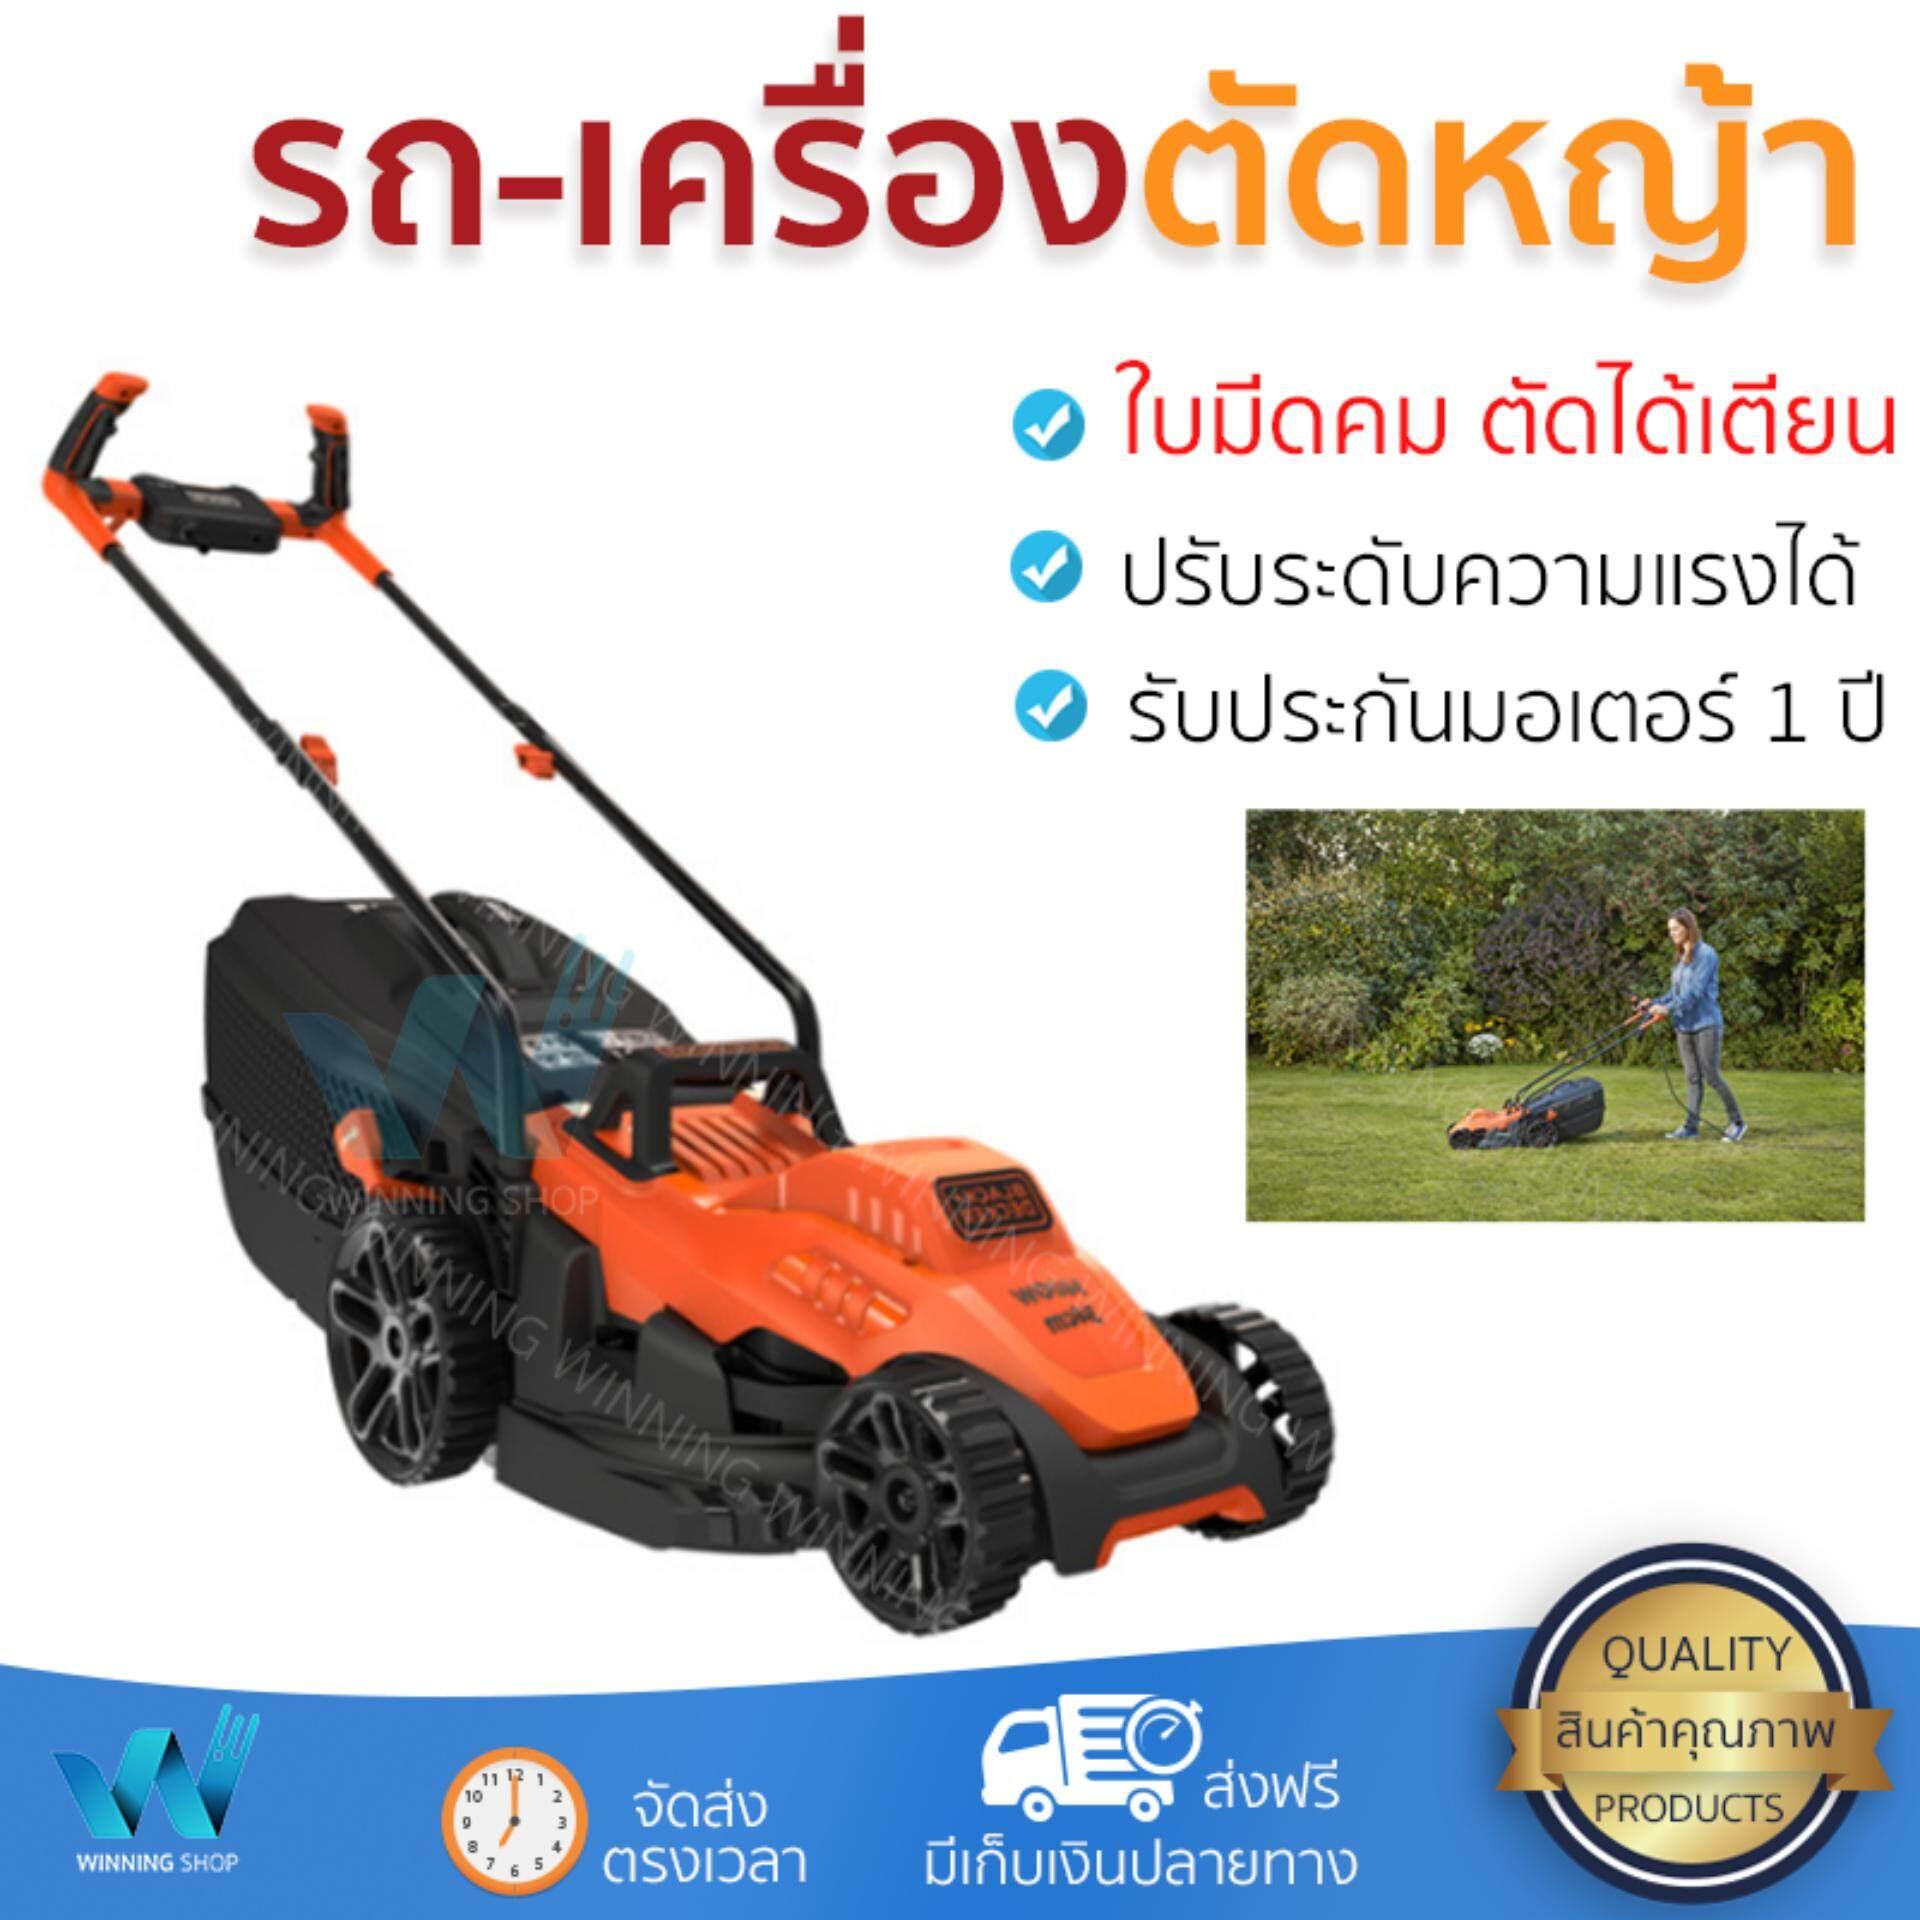 รถตัดหญ้า เครื่องตัดหญ้า BLACK AND DECKER รถตัดหญ้าไฟฟ้า 1400W B-DBEMW461BH-B1 สีส้ม ใช้งานง่าย ตัดหญ้าได้ดี ไม่มีสะดุด สะดวก สตาร์ทติดง่าย รถเข็นตัดหญ้า Lawn Mowers จัดส่งฟรีทั่วประเทศ